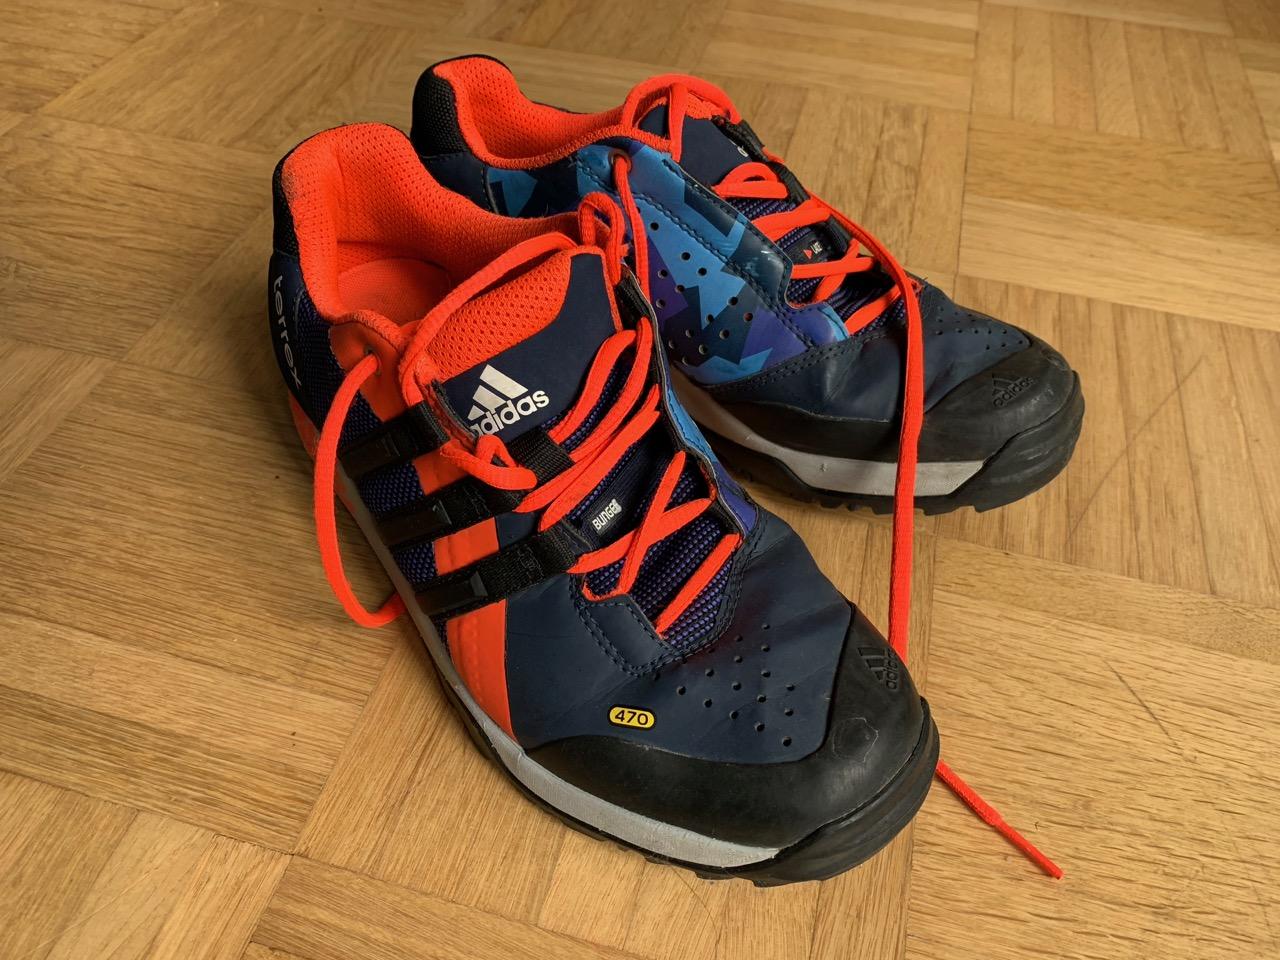 Adidas Terrex Trail Cross Schuhe, Größe UK 5 12, EU 38 23